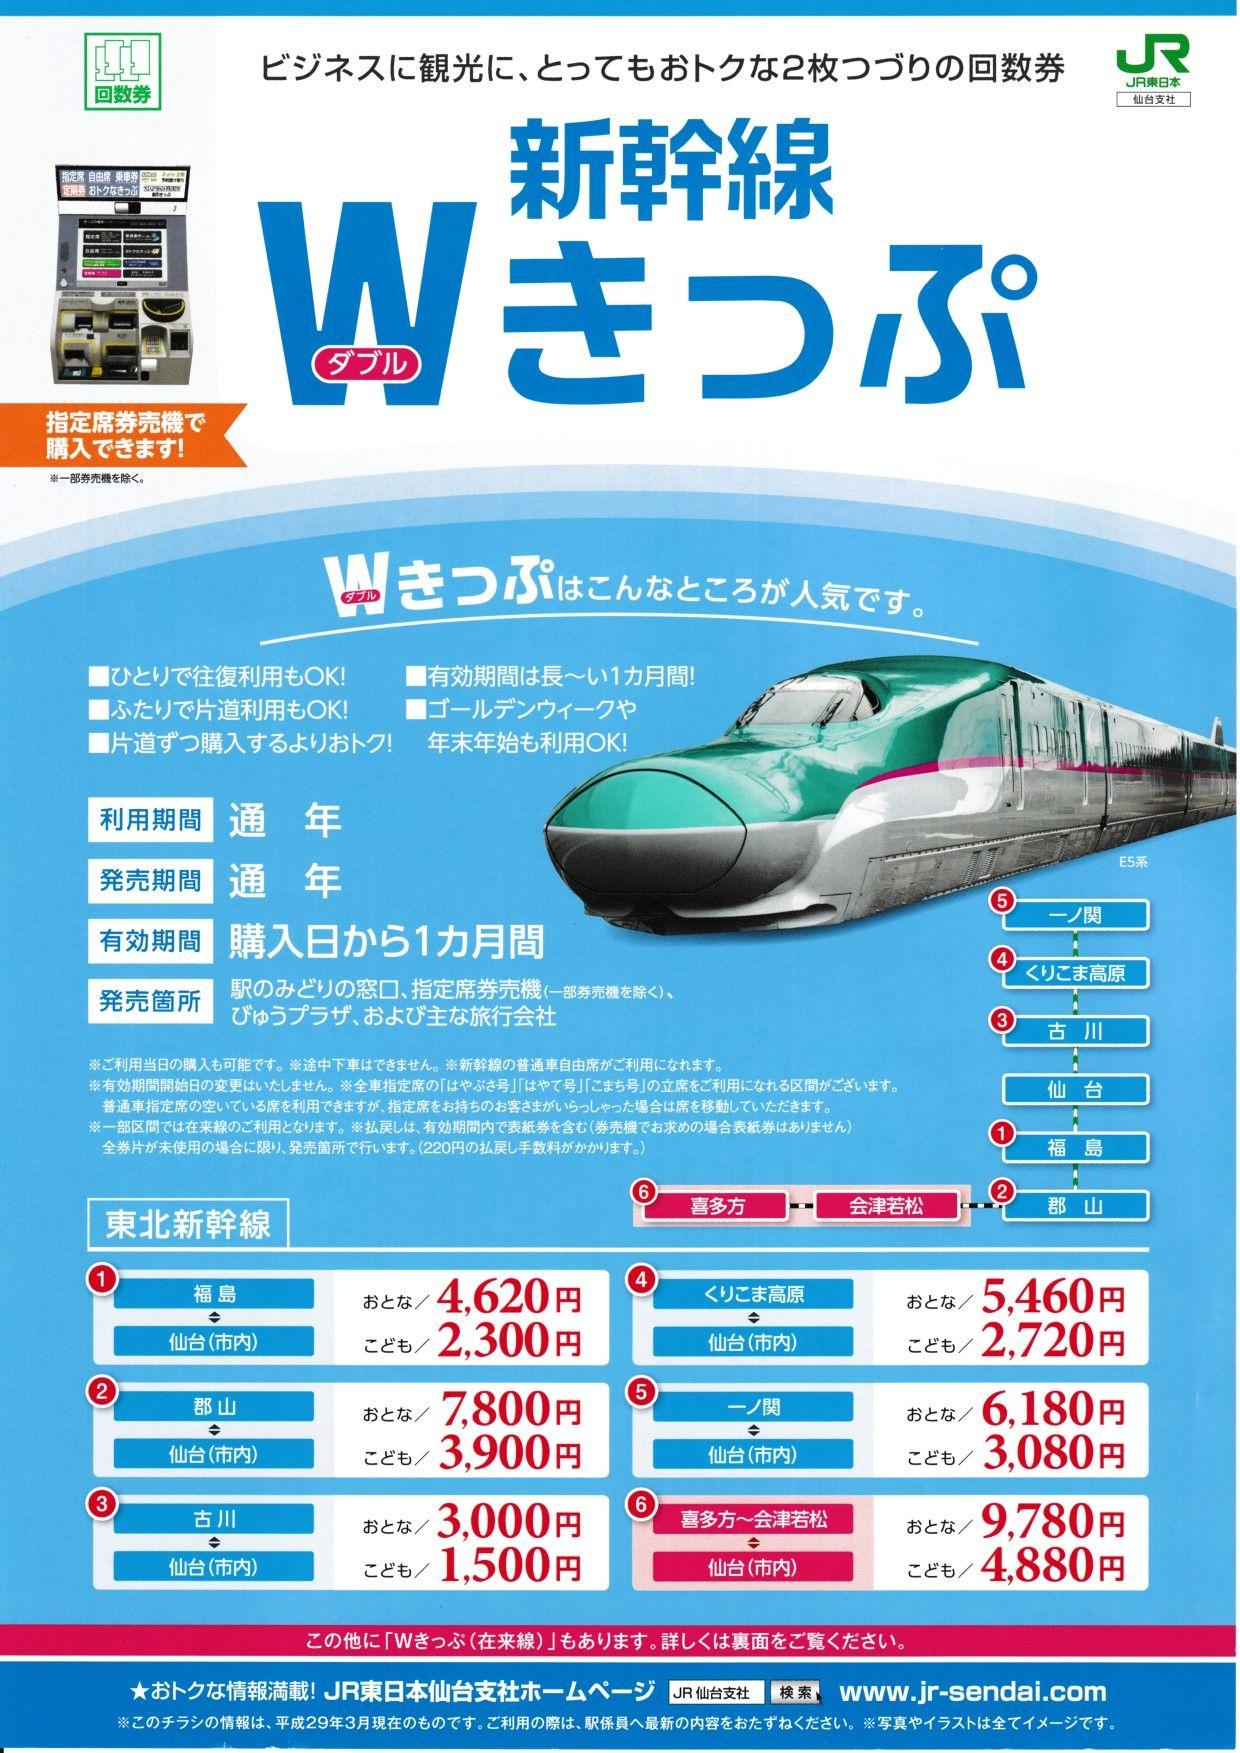 新幹線wきっぷ 2017年 Jr東日本仙台支社 チラシ 東日本 仙台